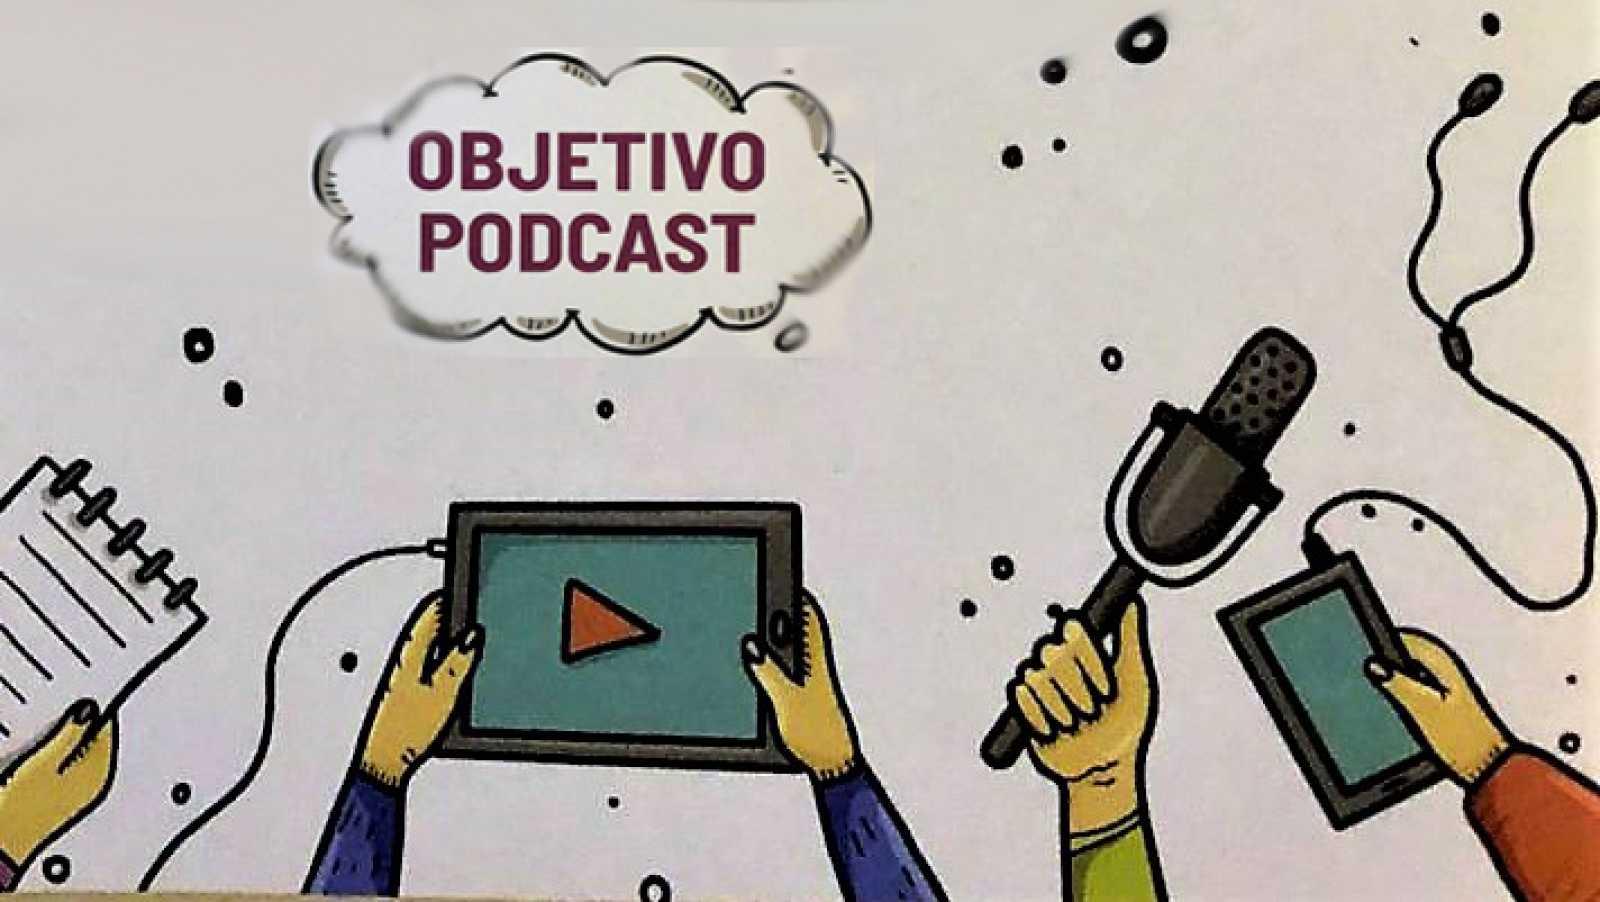 Amigos de la onda corta - Objetivo podcast - 05/11/20 - escuchar ahora